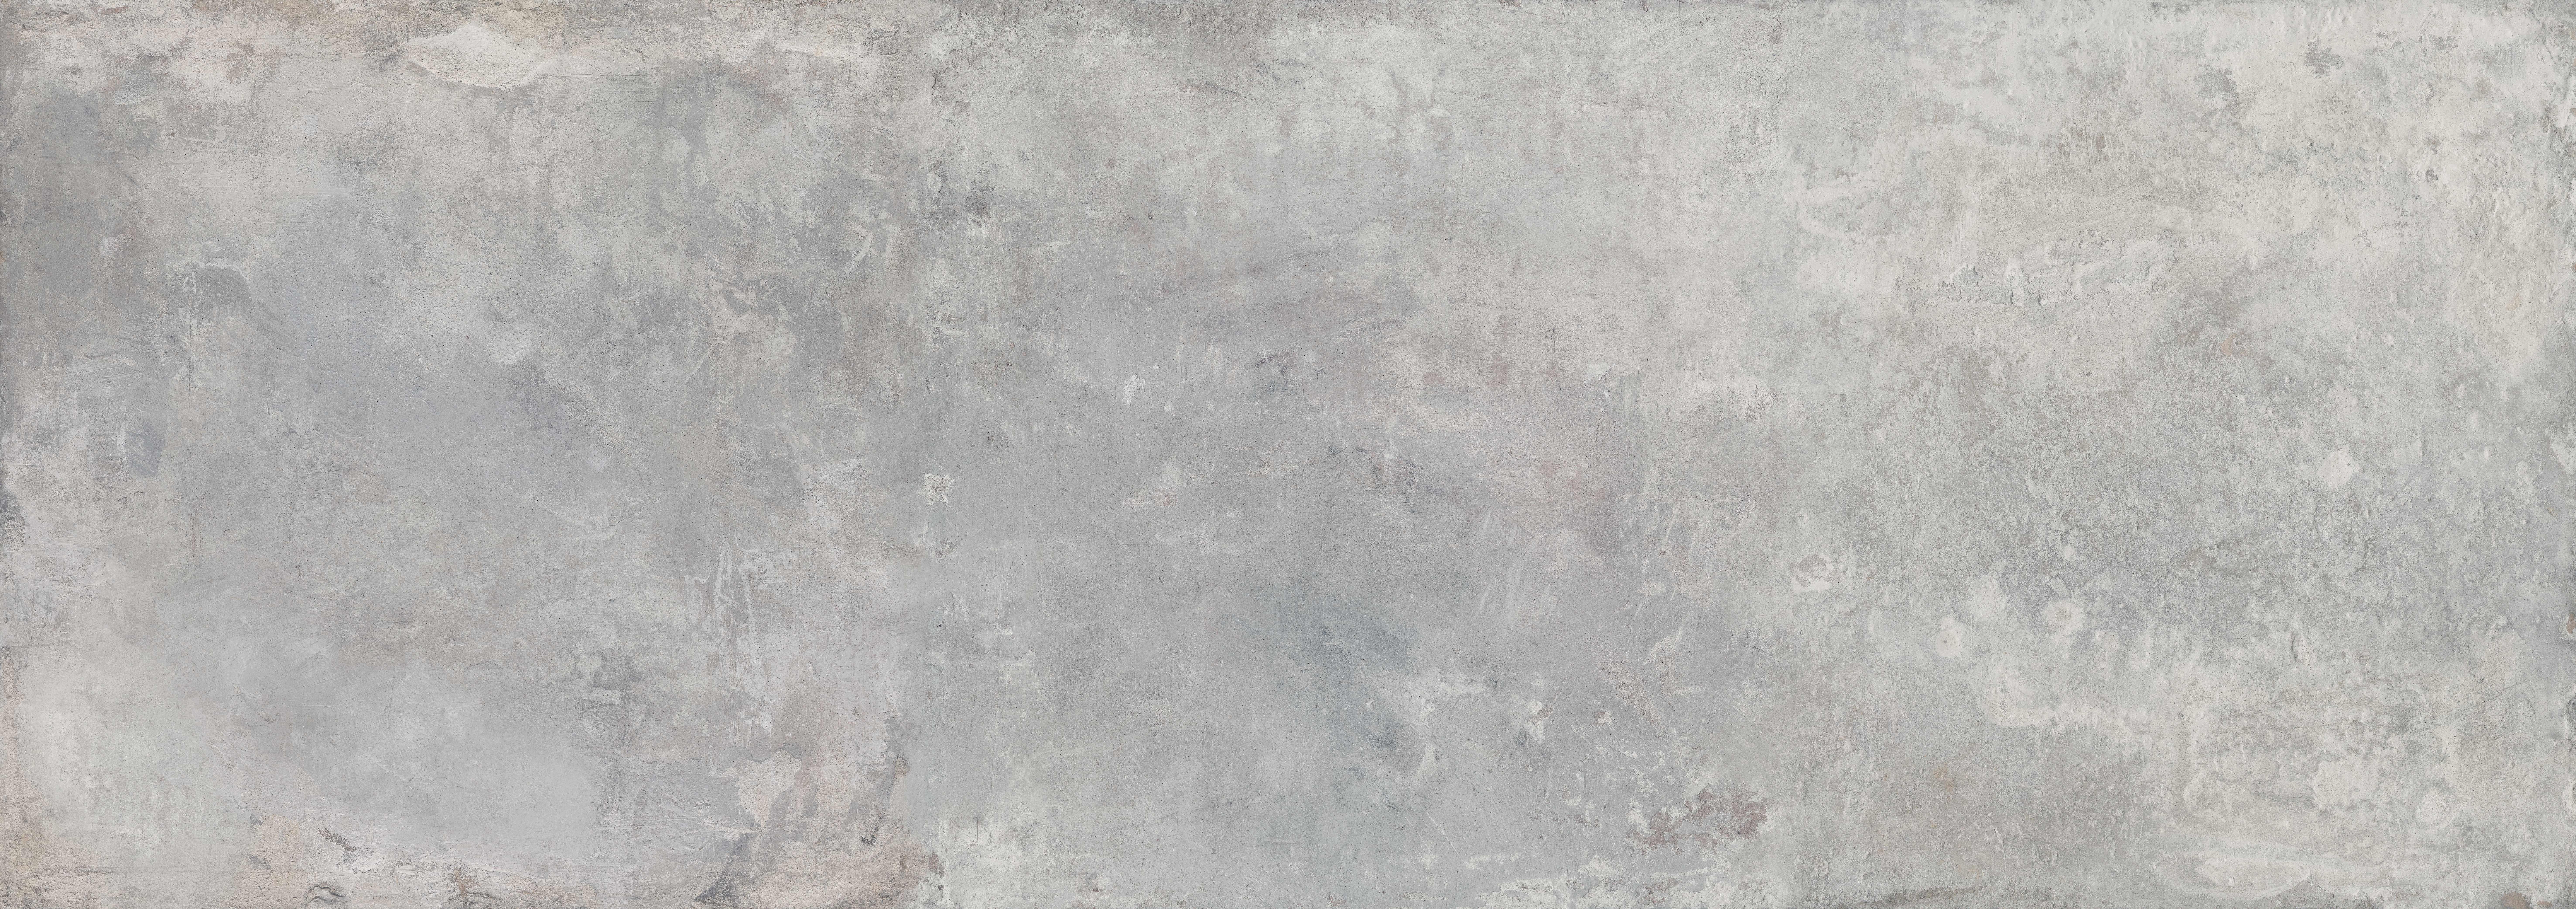 78tm31m coverlam tempo gris 1000×3000 rgb